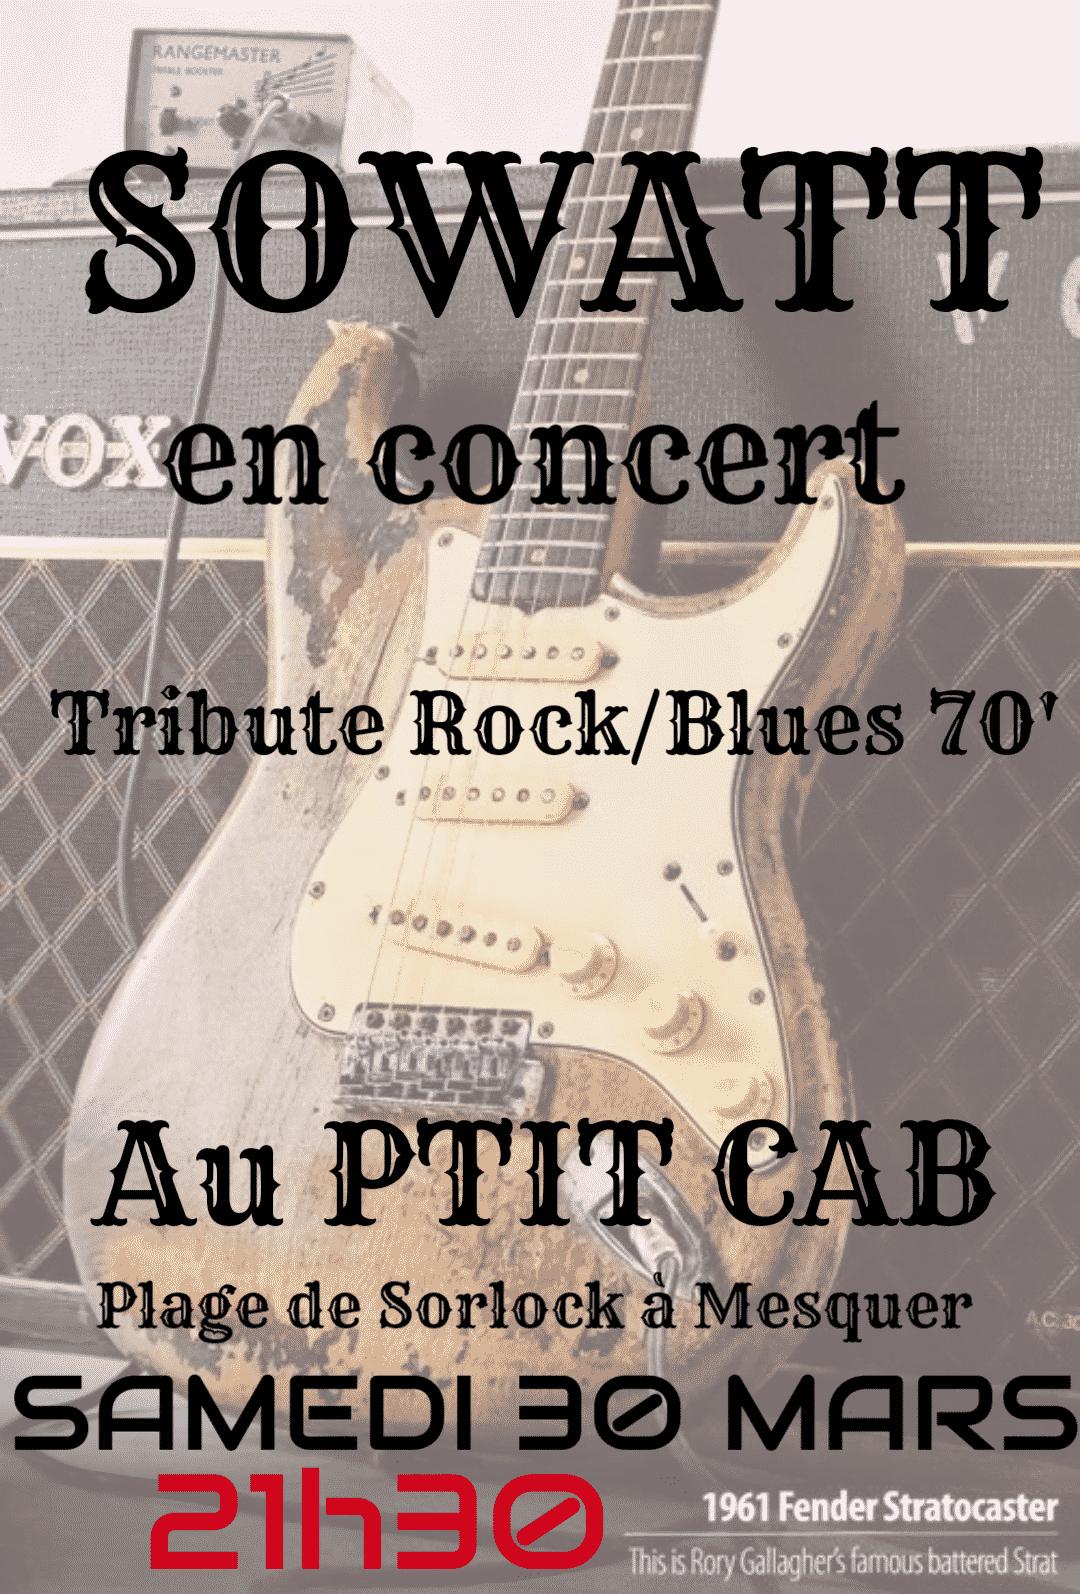 SoWatt Tribute Rock Blues 70'